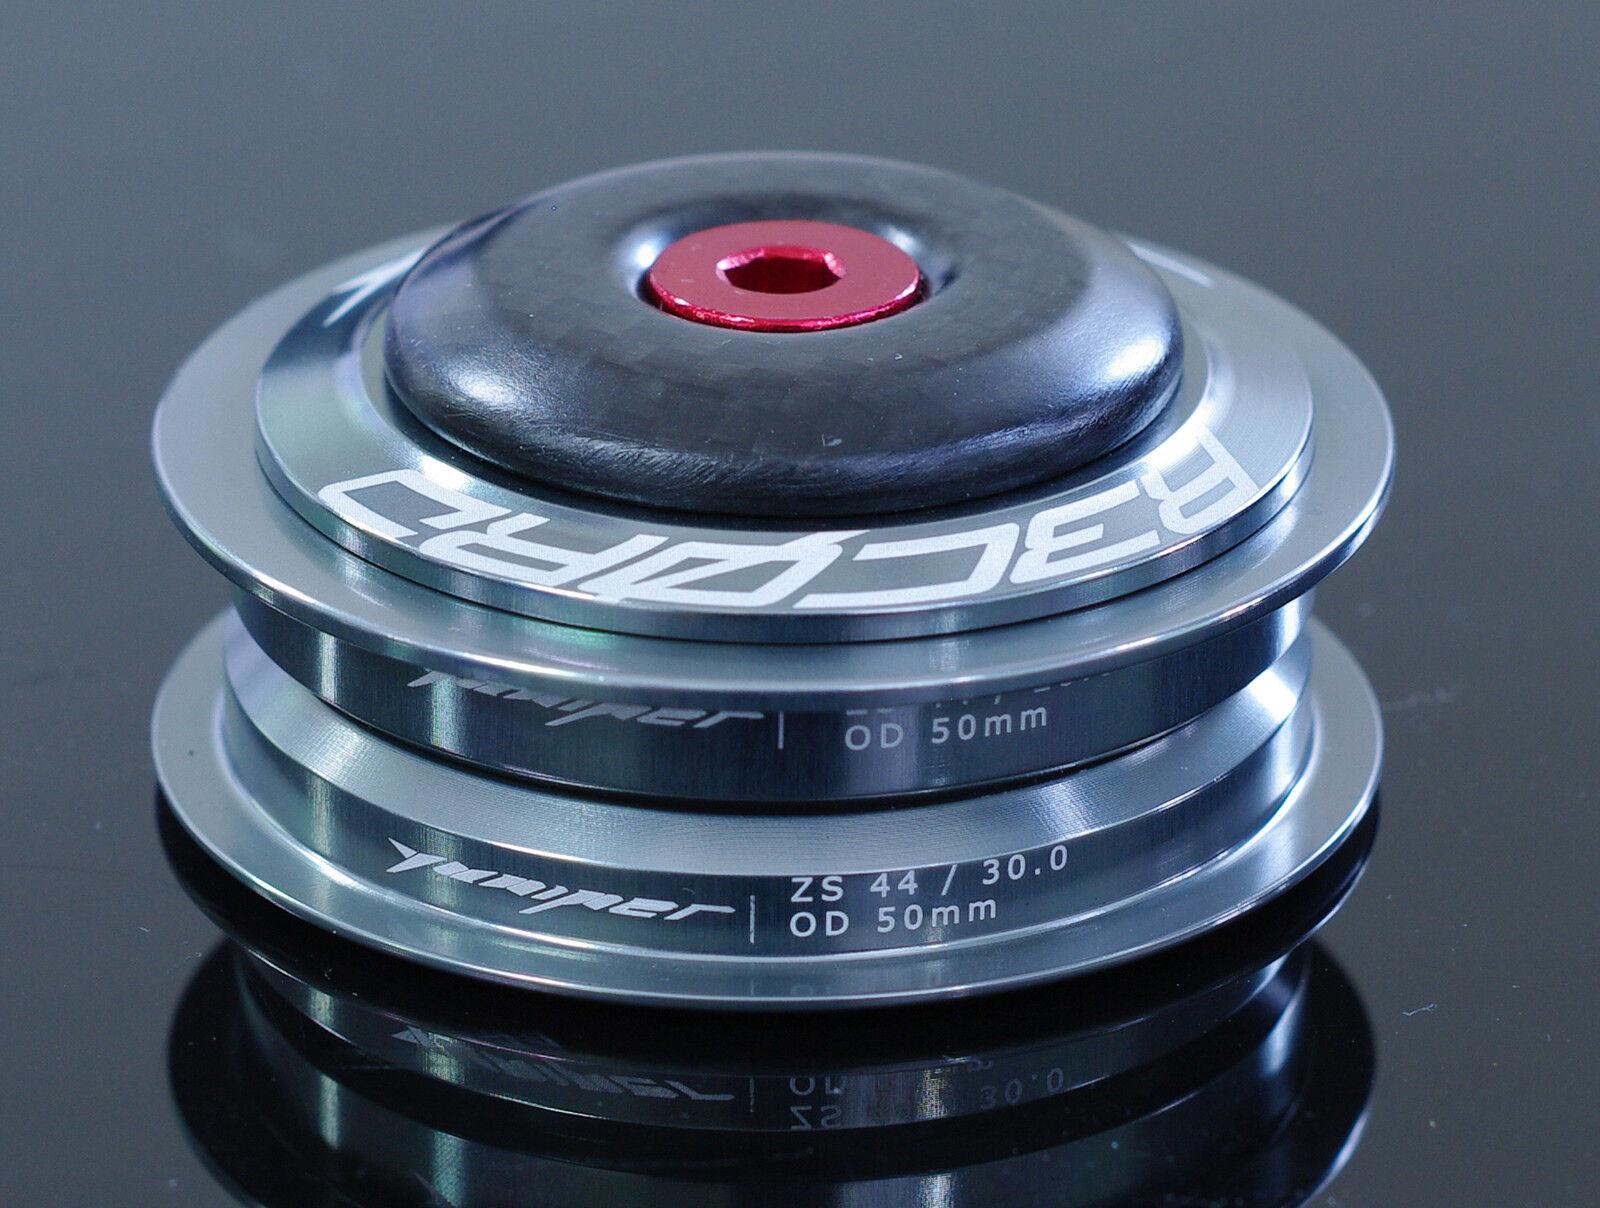 YUNIPER 49g RECORD Ultralight Steuersatz Semi-integriert ZS44 28.6 30 grau